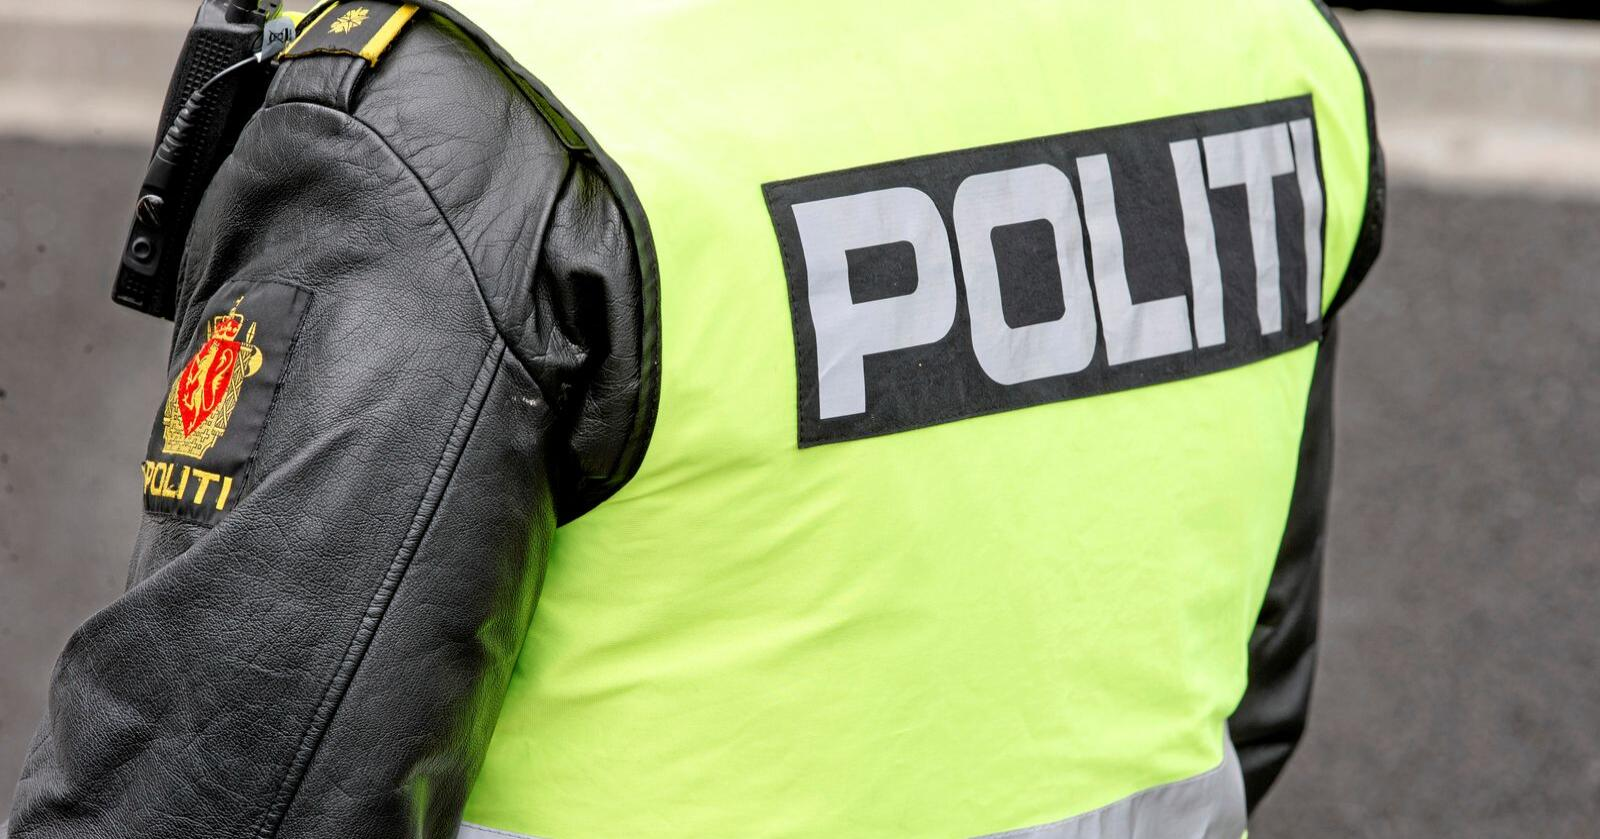 Politiet har vært på stedet og gjort undersøkelser. Boltepistolen vil bli undersøkt nærmere av Kripos. Illustrasjonsfoto: Gorm Kallestad / NTB scanpix